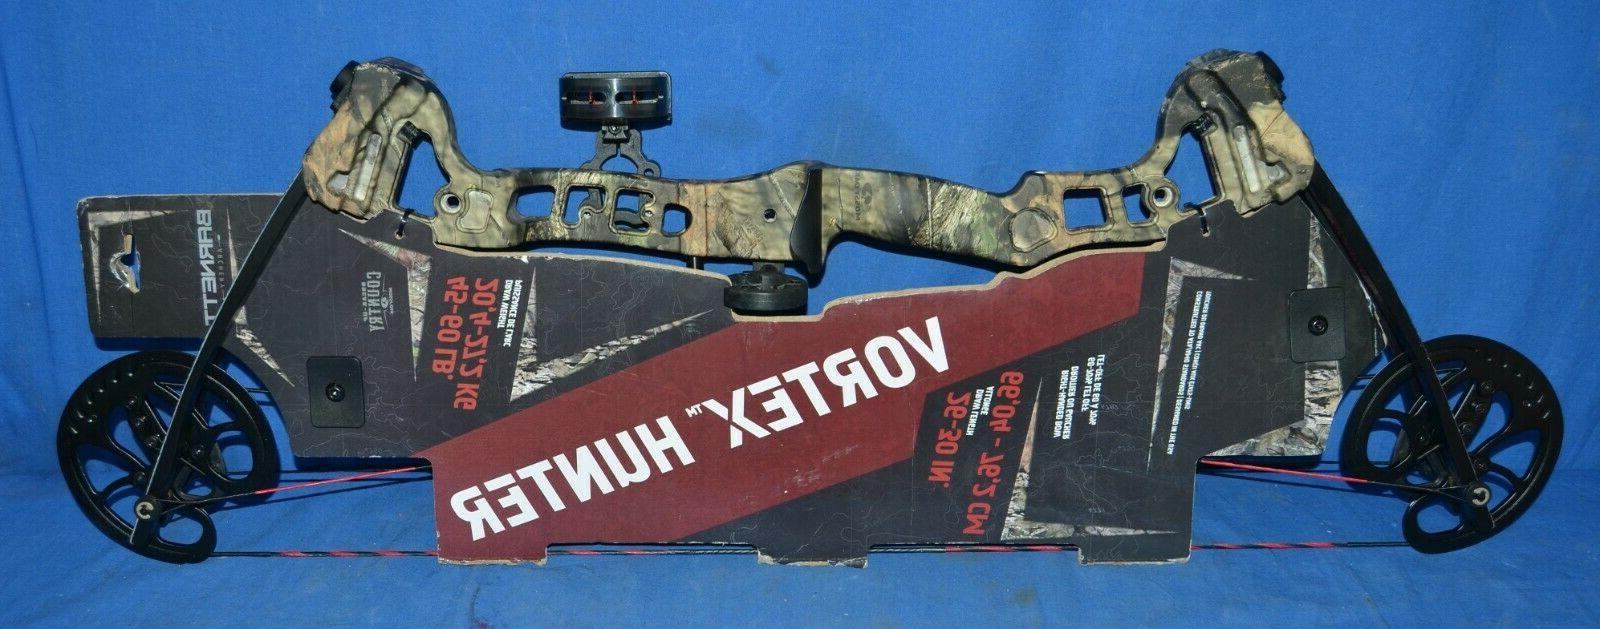 vortex hunter 45 60lb right handed bow